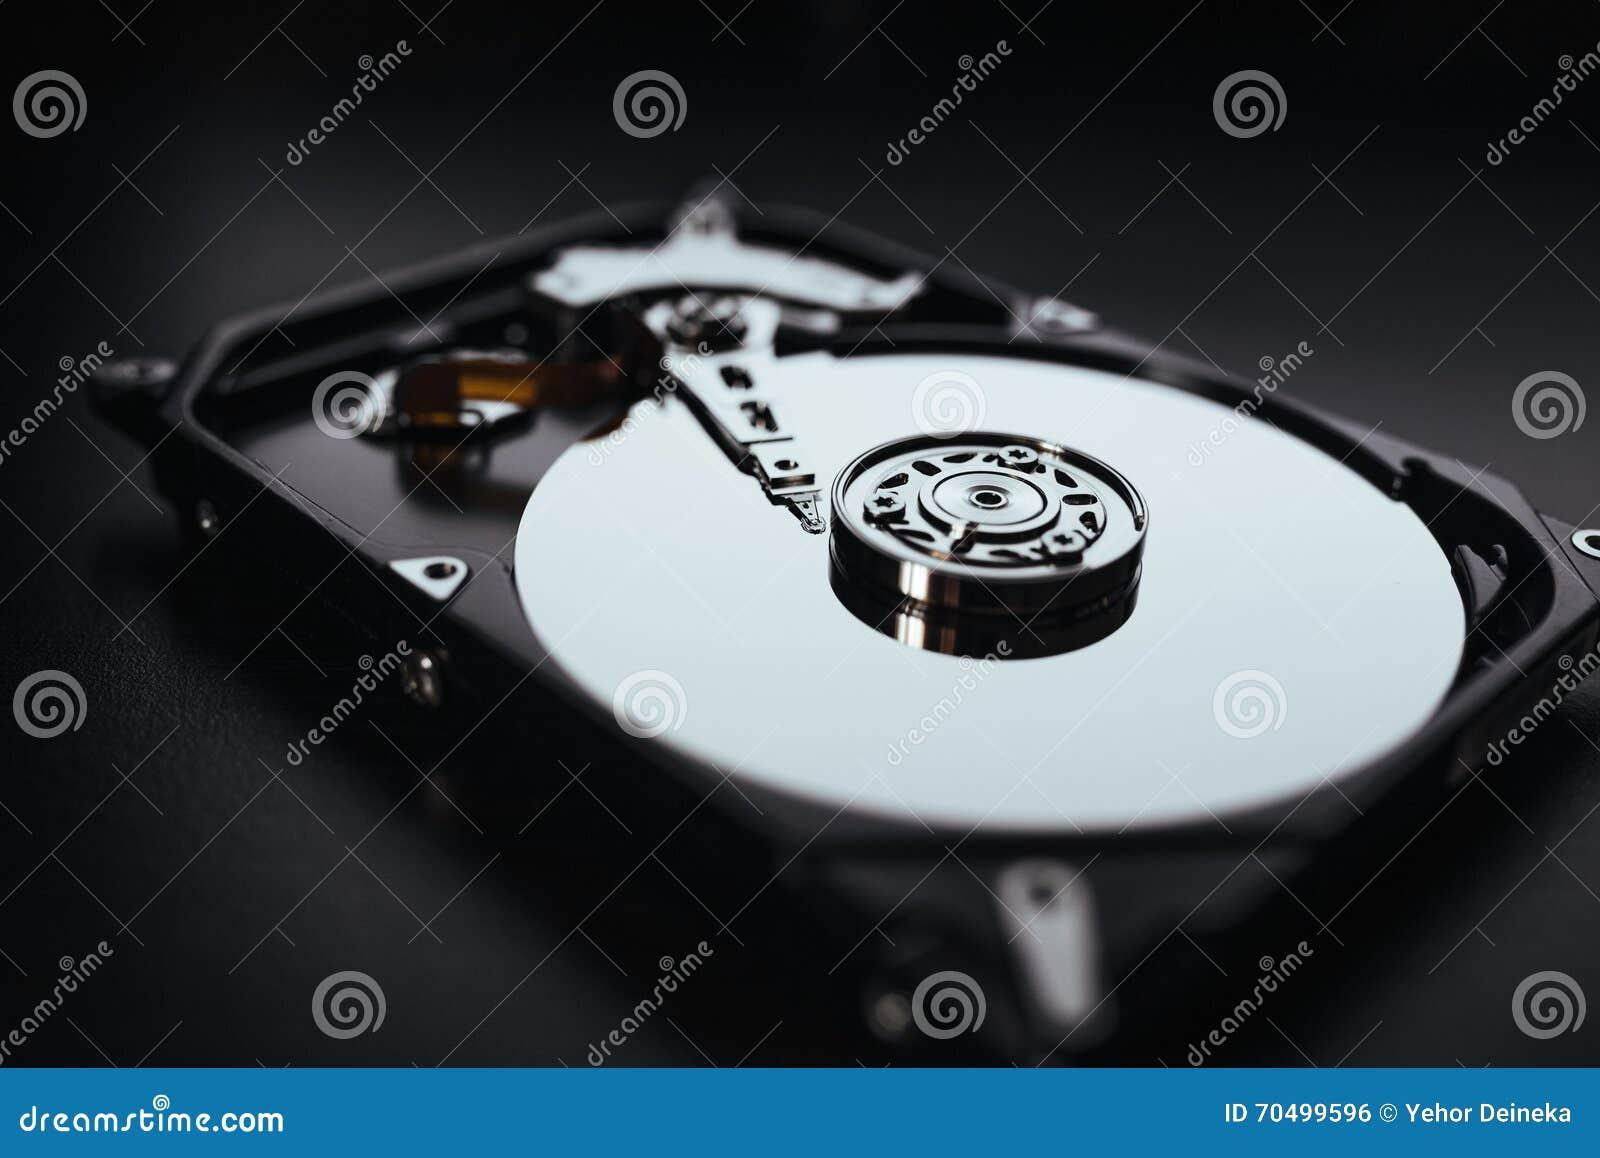 Demontera hårddisk från datoren (hdd) med spegeleffekter Del av datoren (PC, bärbara datorn)